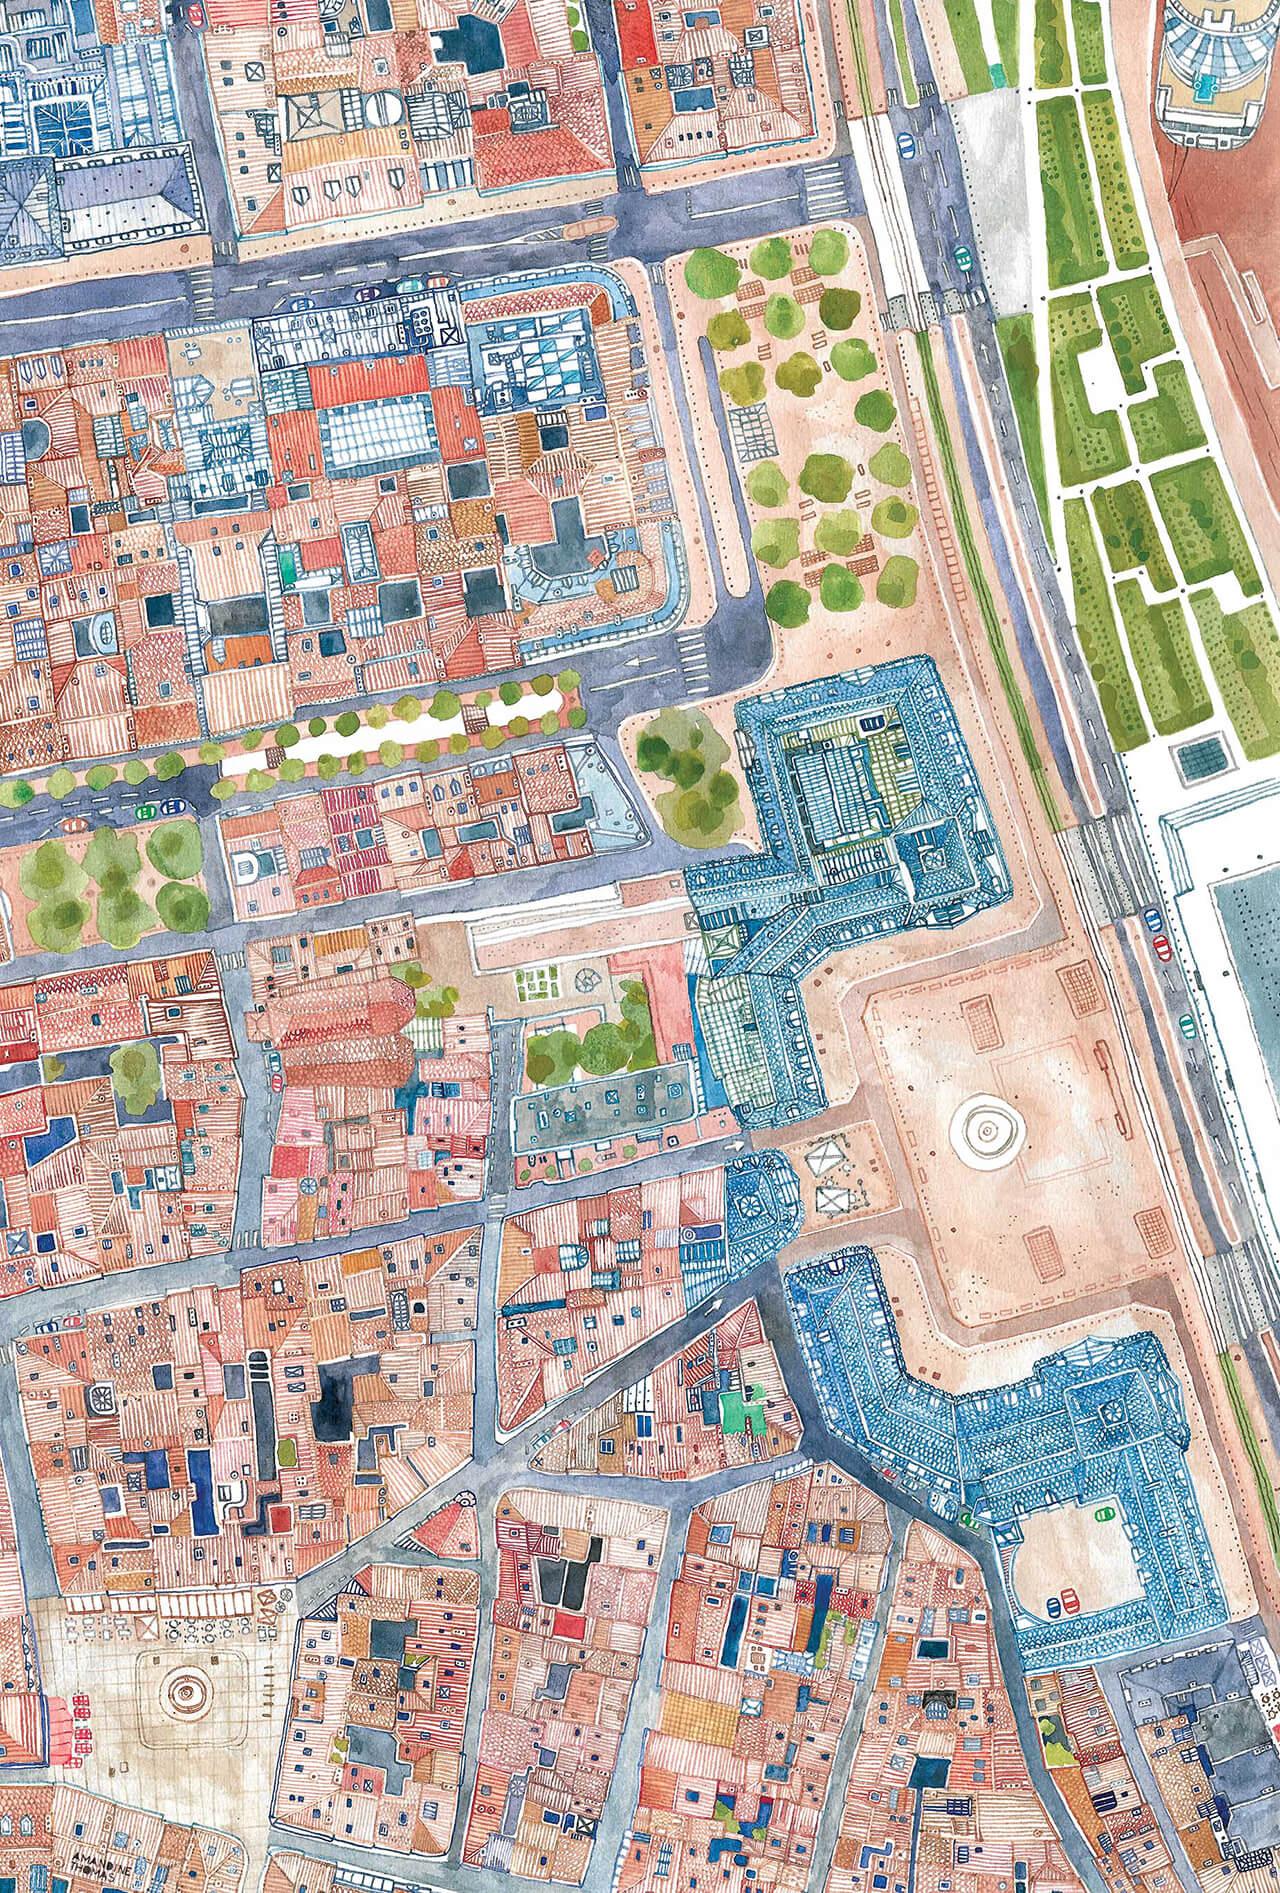 Illustrated map of Place de la Bourse in Bordeaux